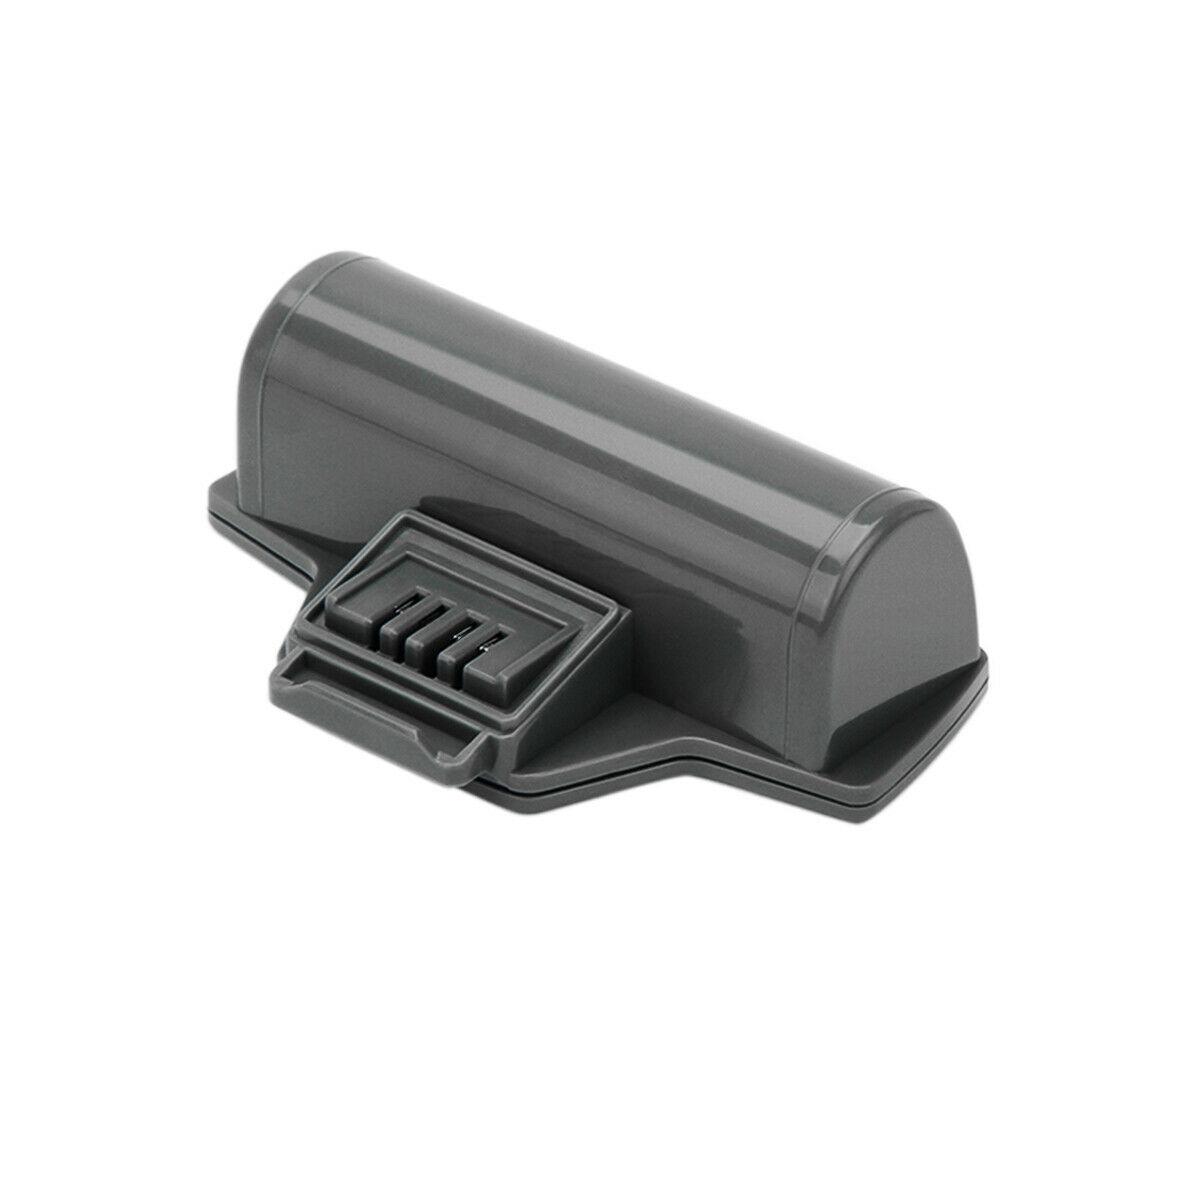 Batterie 3.7V 3.5Ah Li-ion Karcher 1.633-440.0,1. 633-443.0,WV5,WV50,WV60,WV70(compatible)